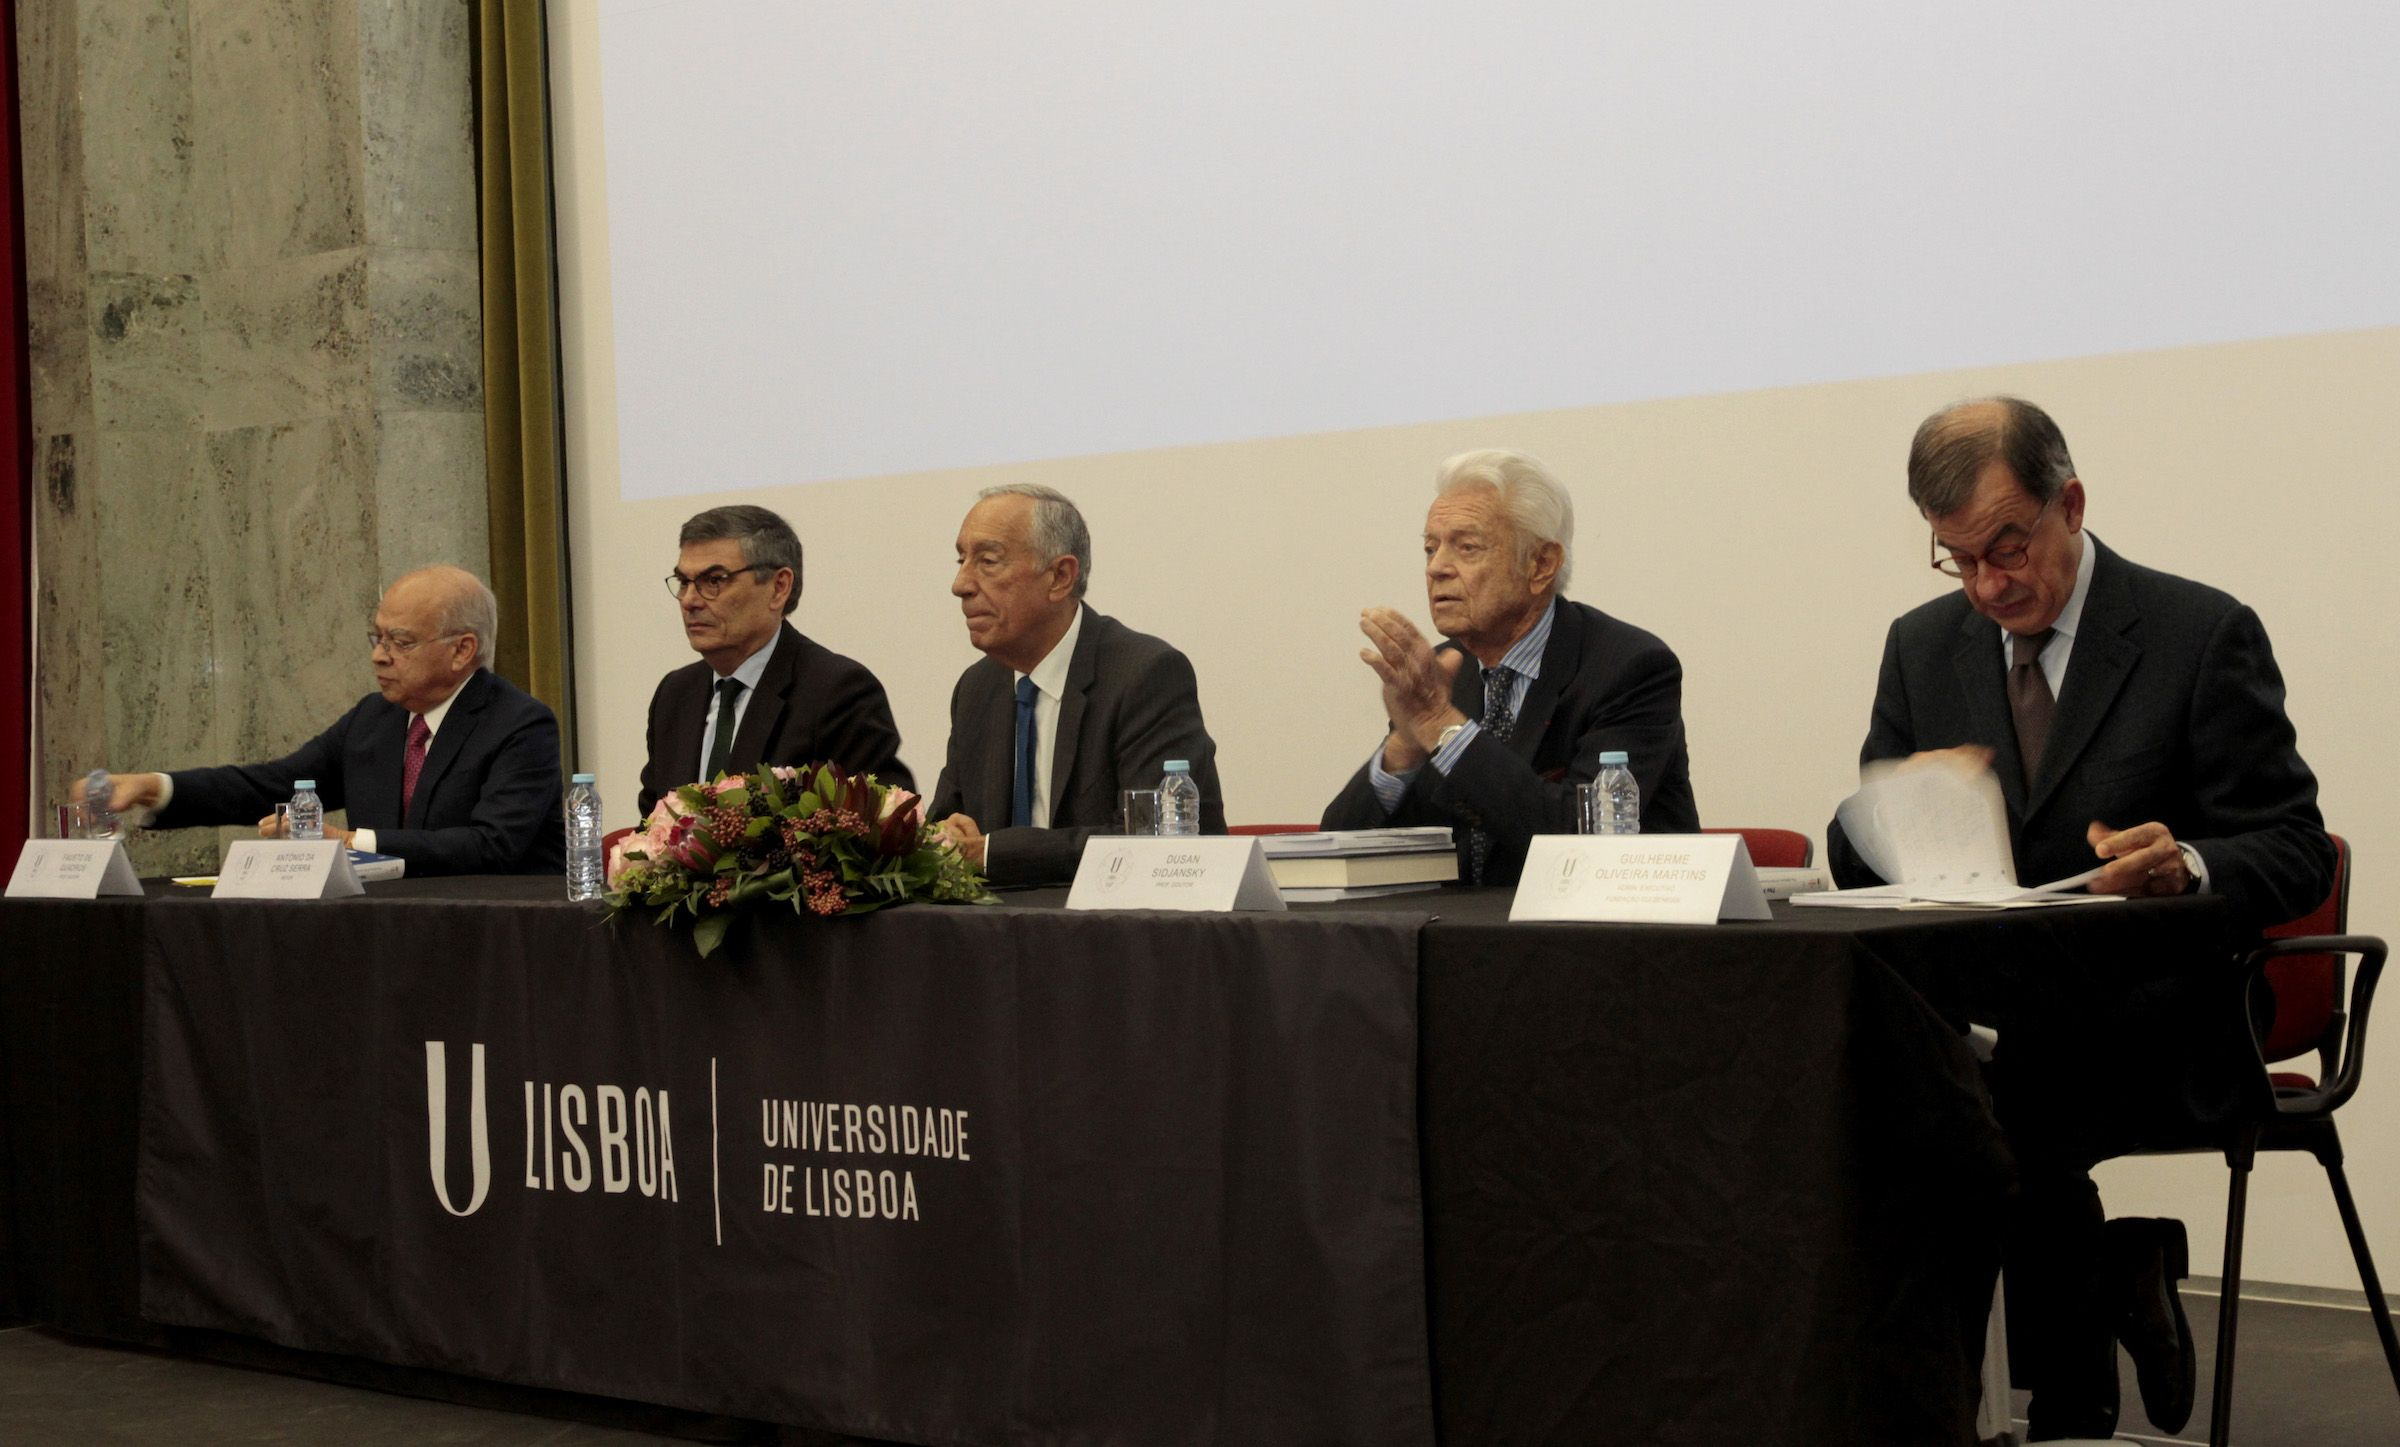 El presidente de la República de Portugal, Marcelo Rebelo de Sousa, en la presentación del libro en la Universidad de Lisboa.